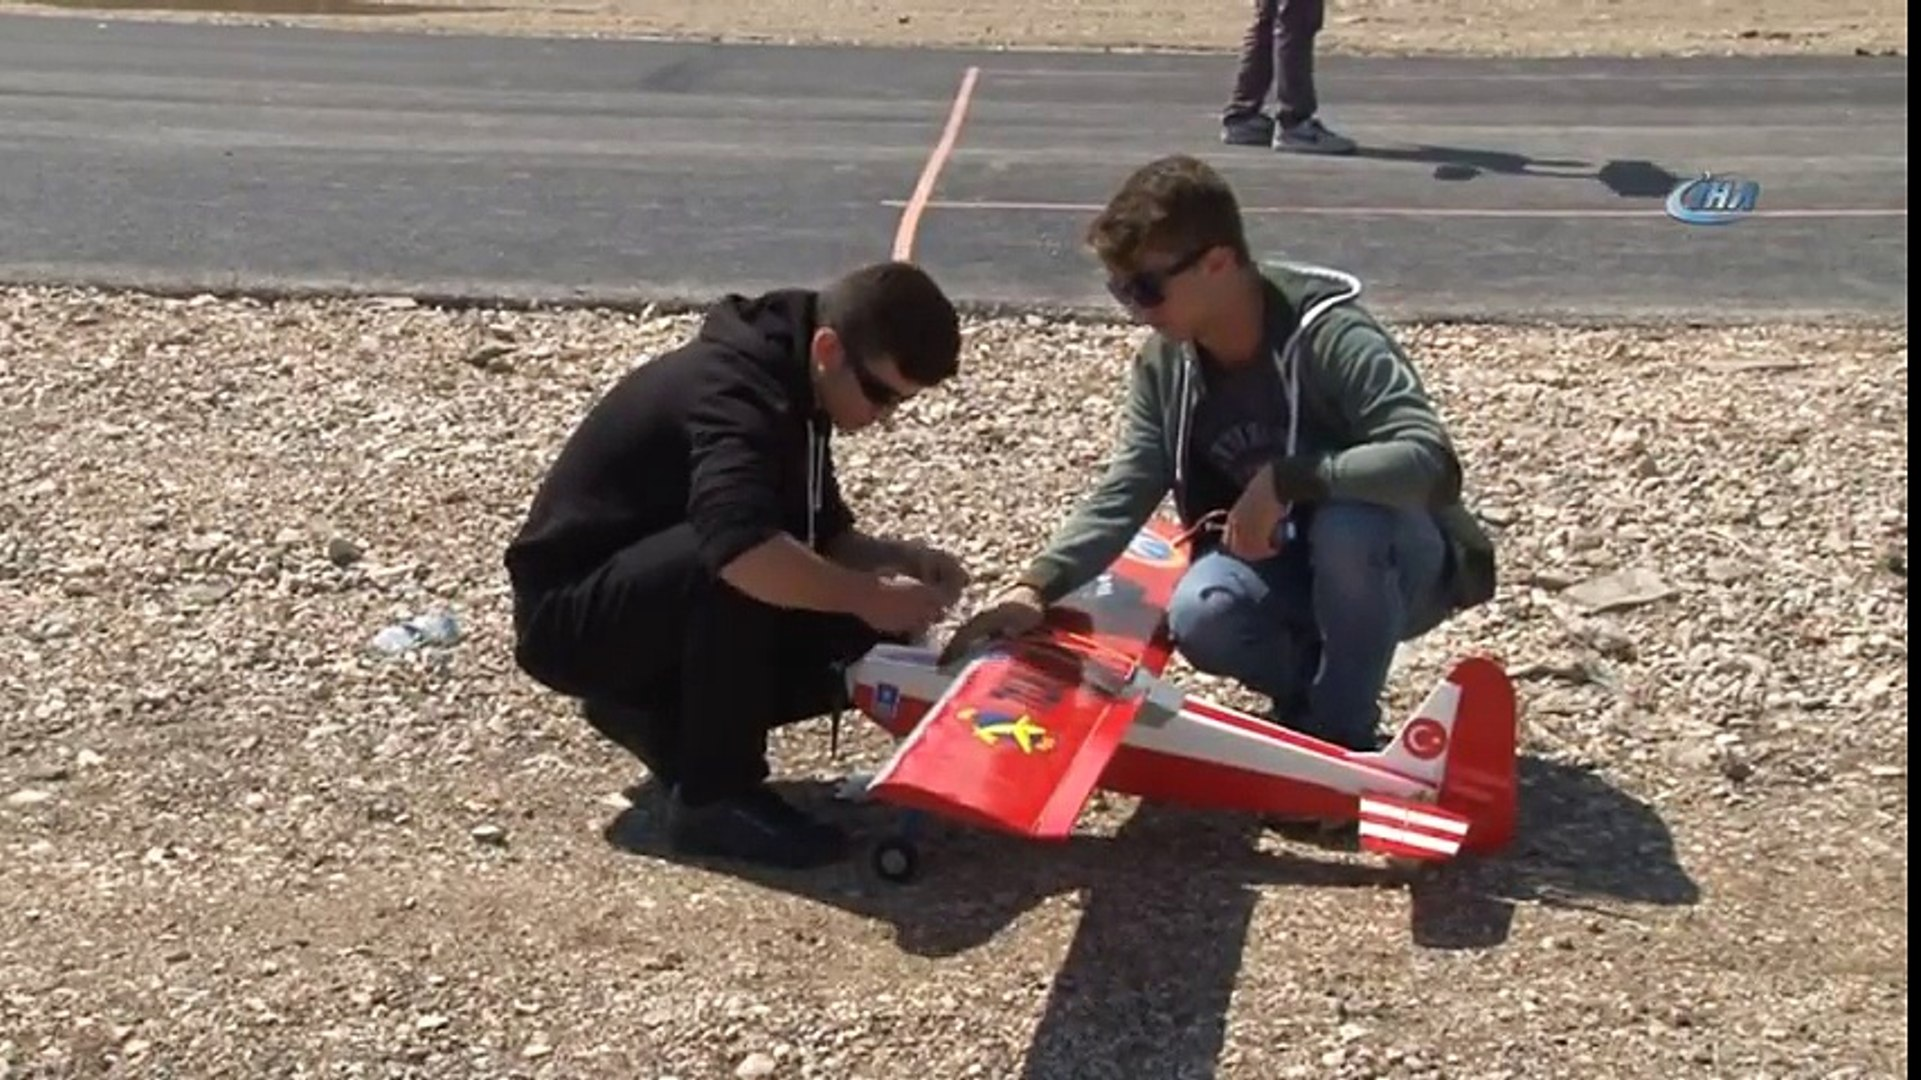 Bursa'da Liseli Öğrenciler Ürettikleri Uçakları Havada Kapıştırdılar